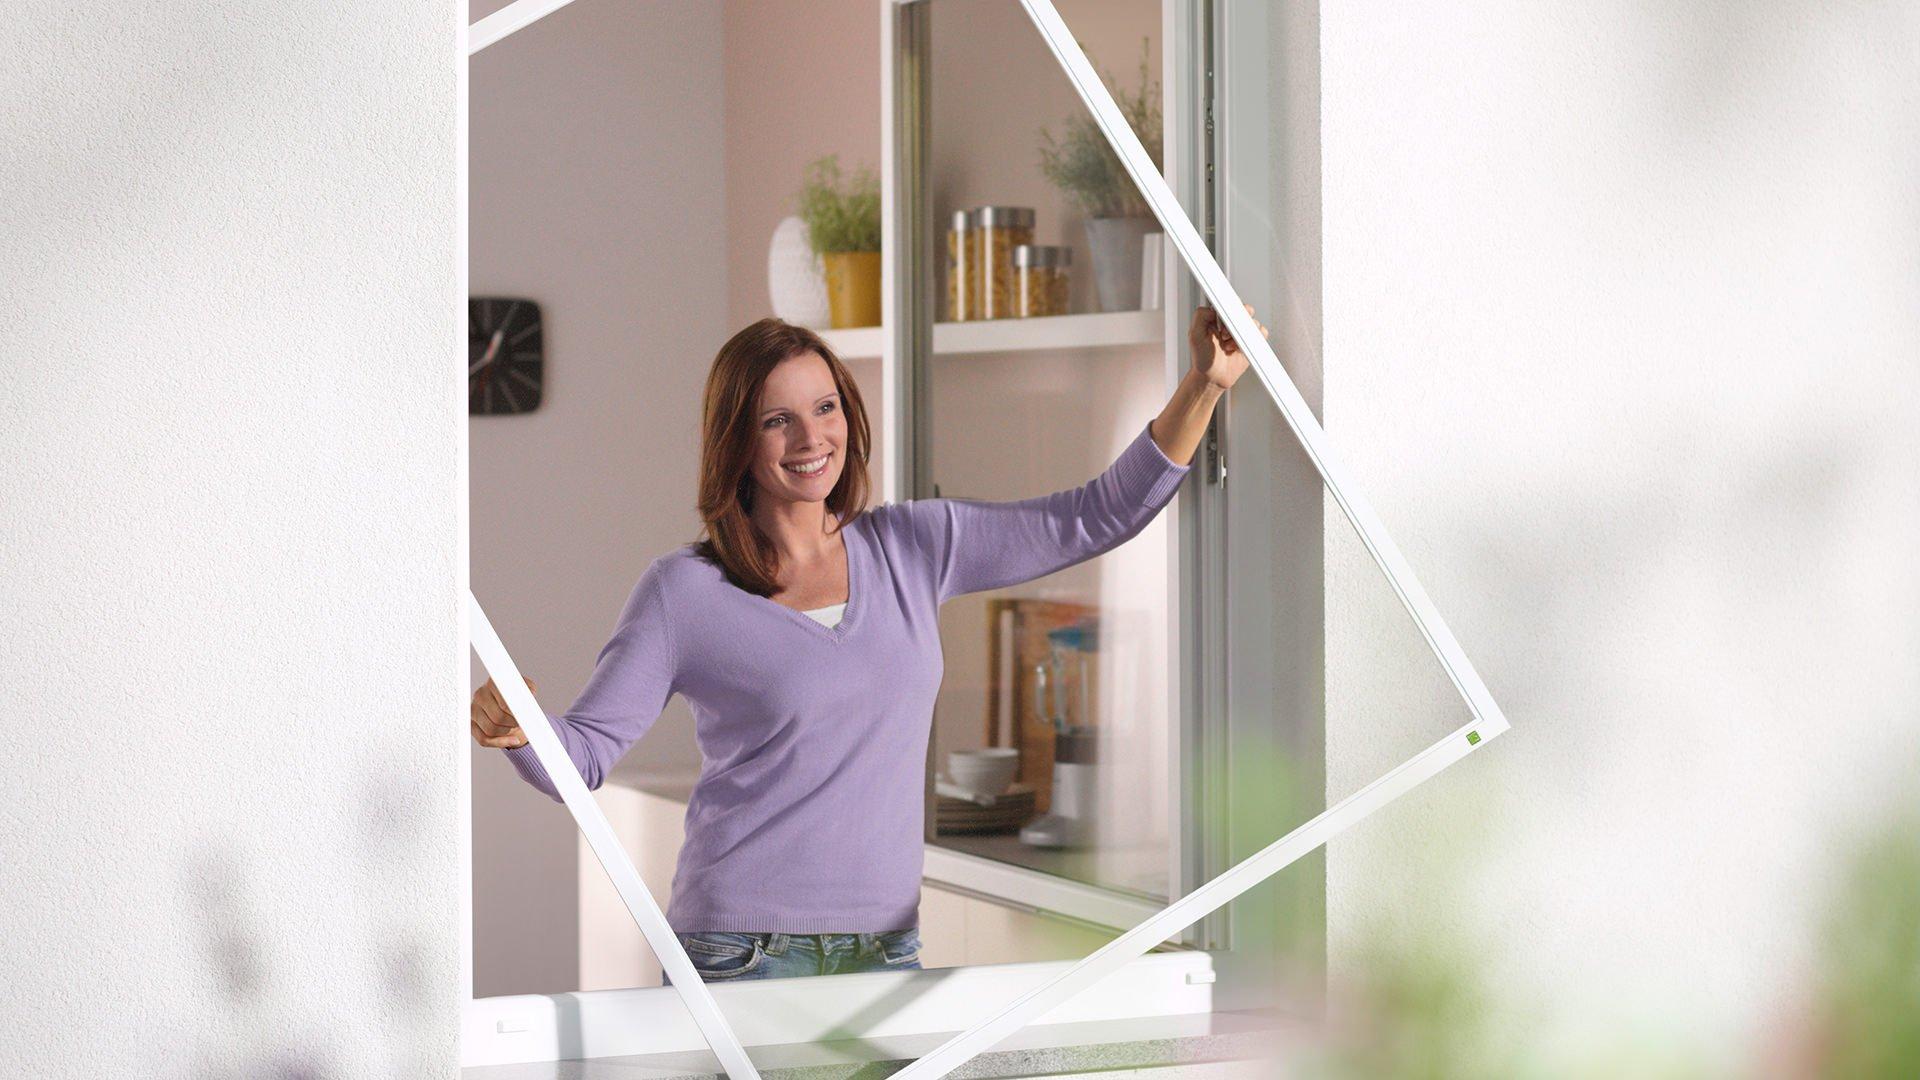 Ein Frau bringt ein Fliegngitter-Spannrahmen an ein Fenster an